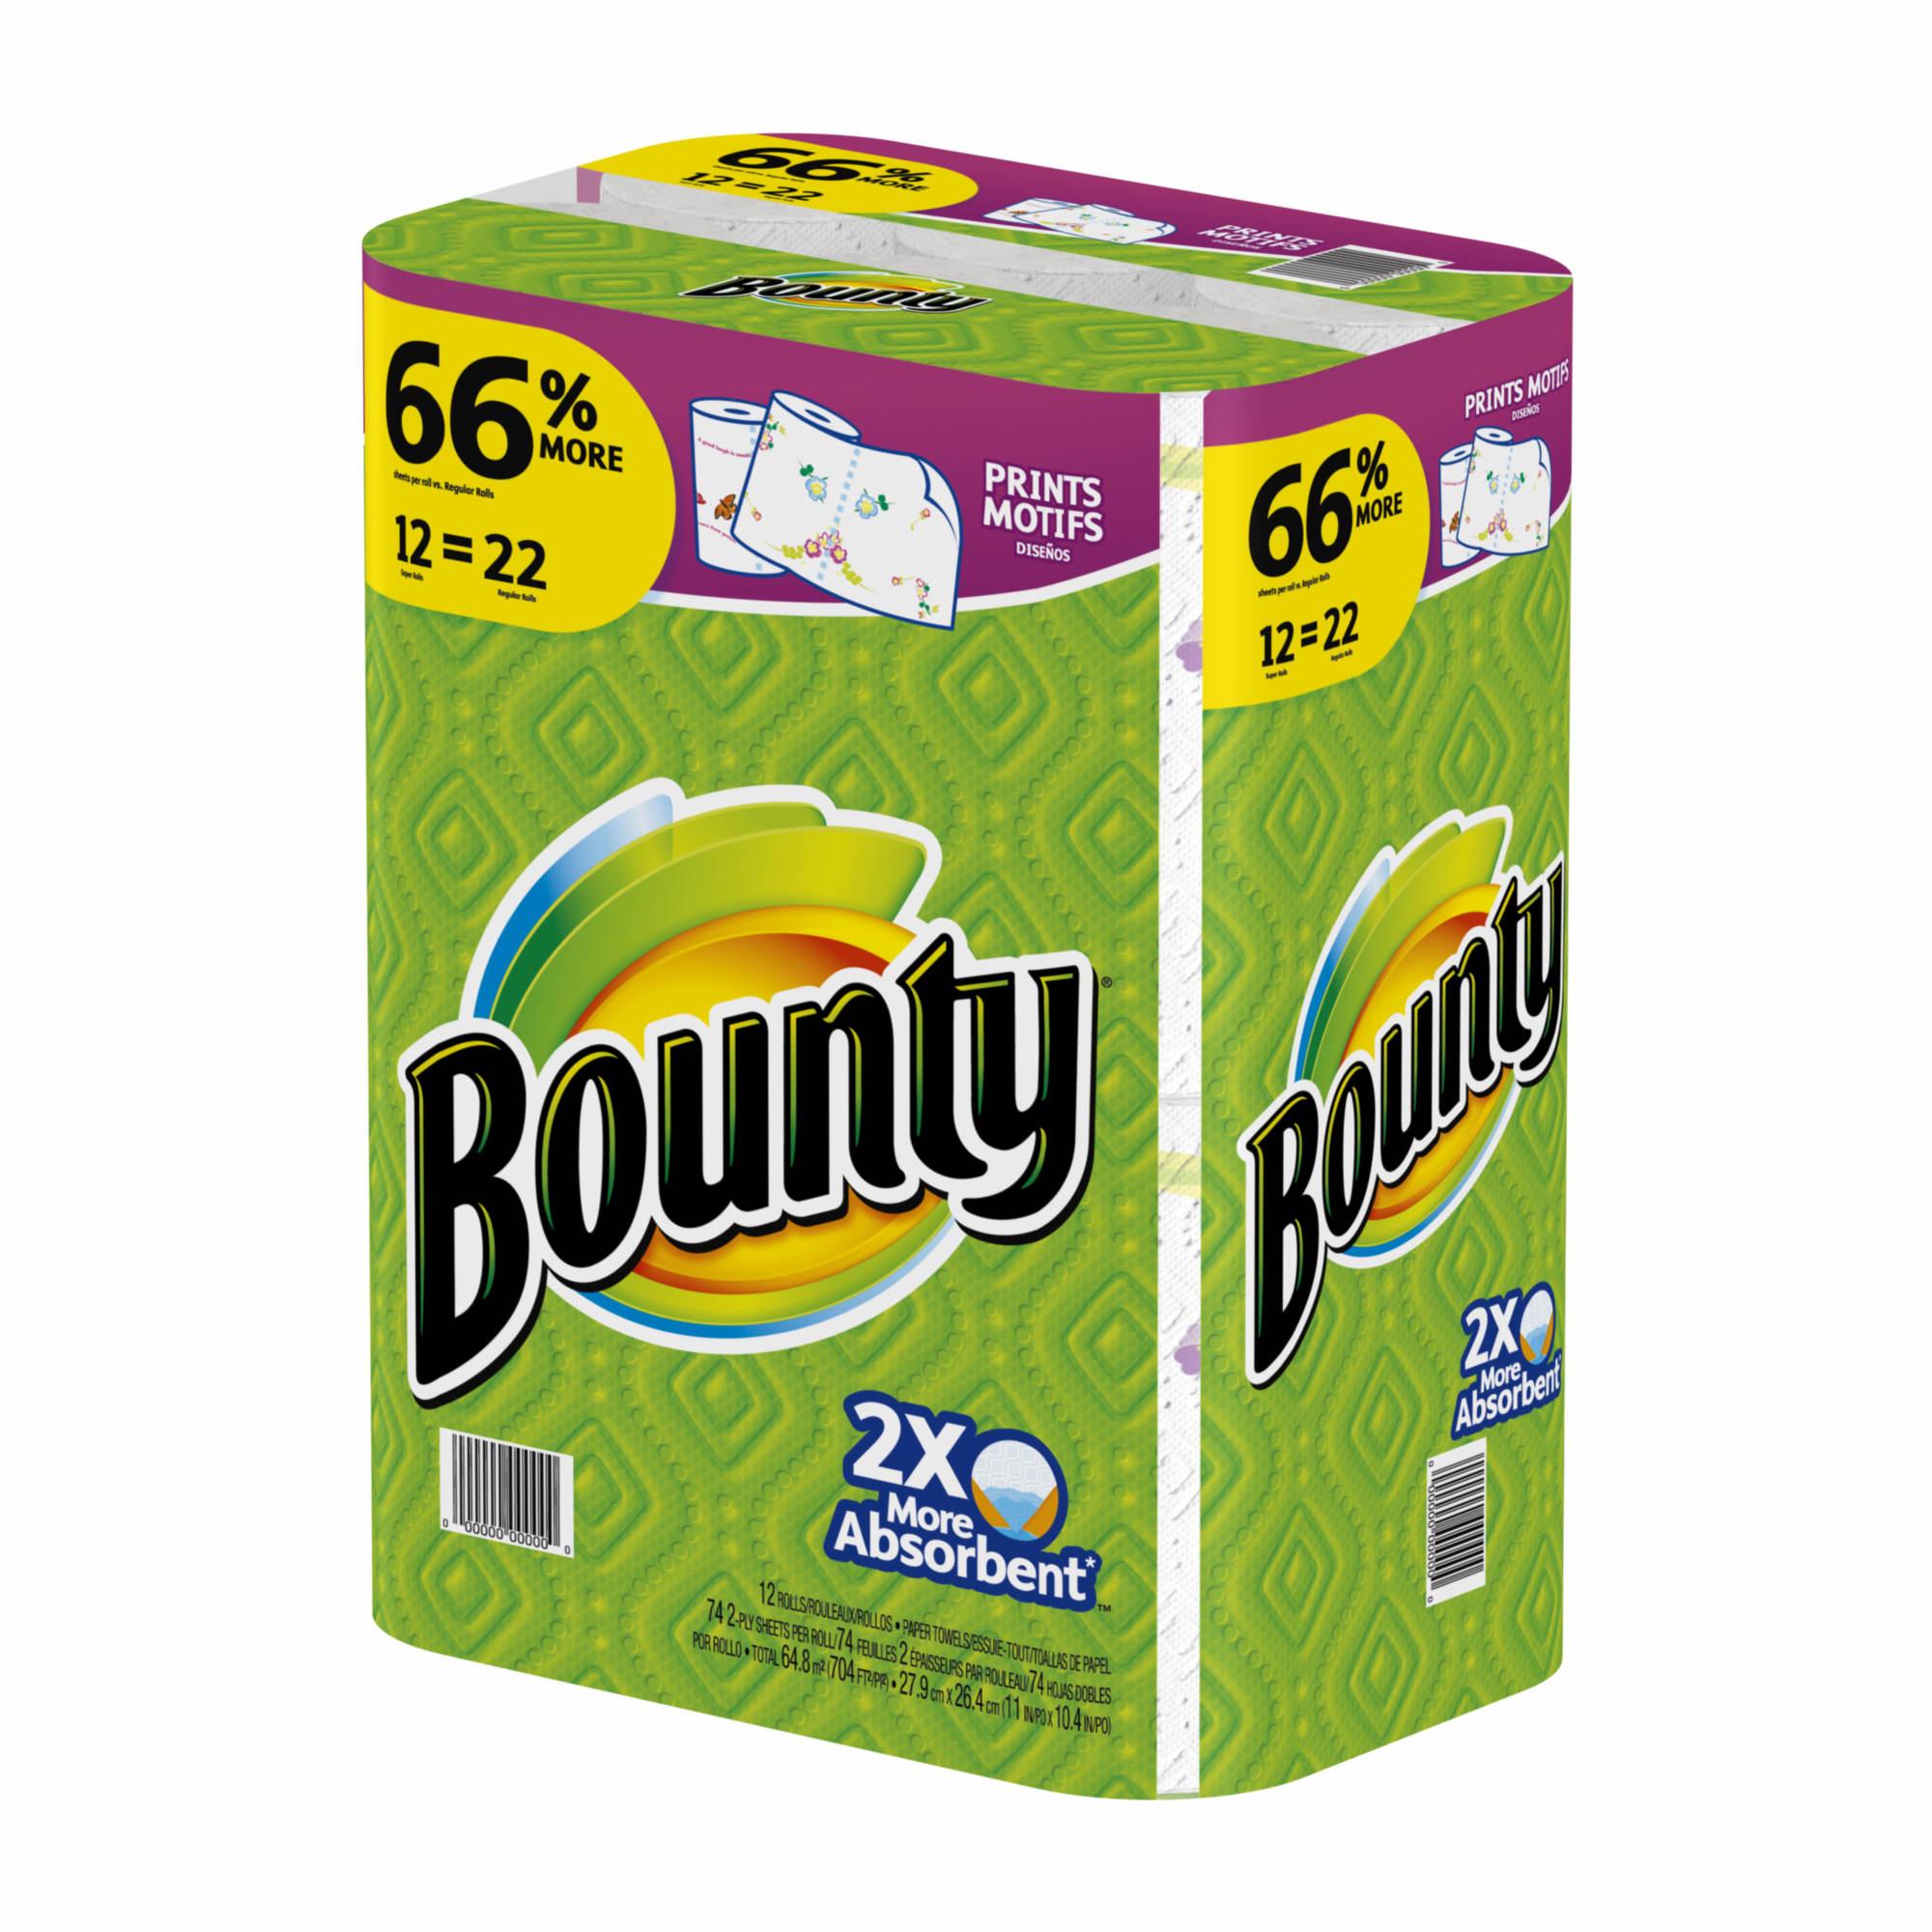 Bounty Paper Towels Fall Prints: Bounty Paper Towels, Print, 12 Super Rolls